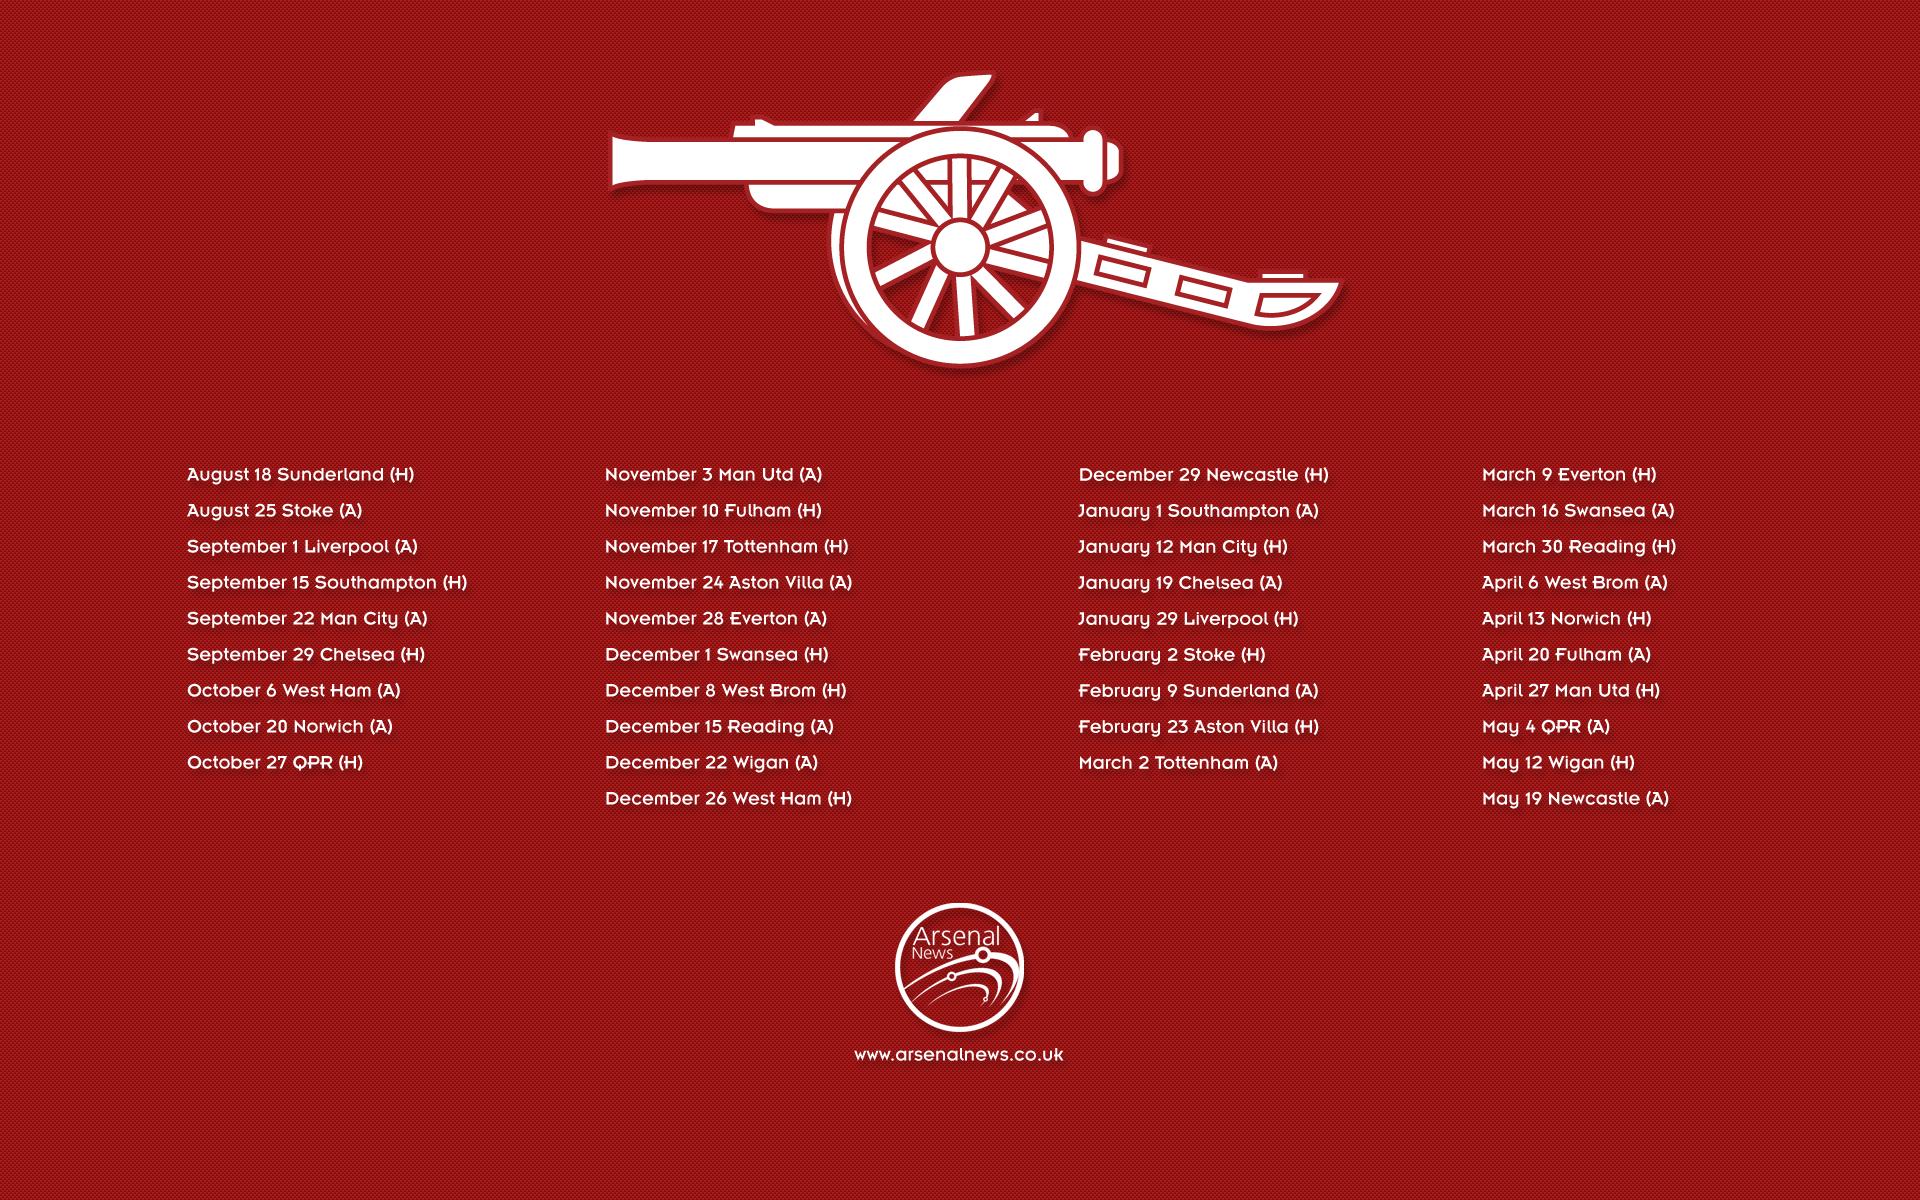 Arsenal Wallpapers « Arsenal News